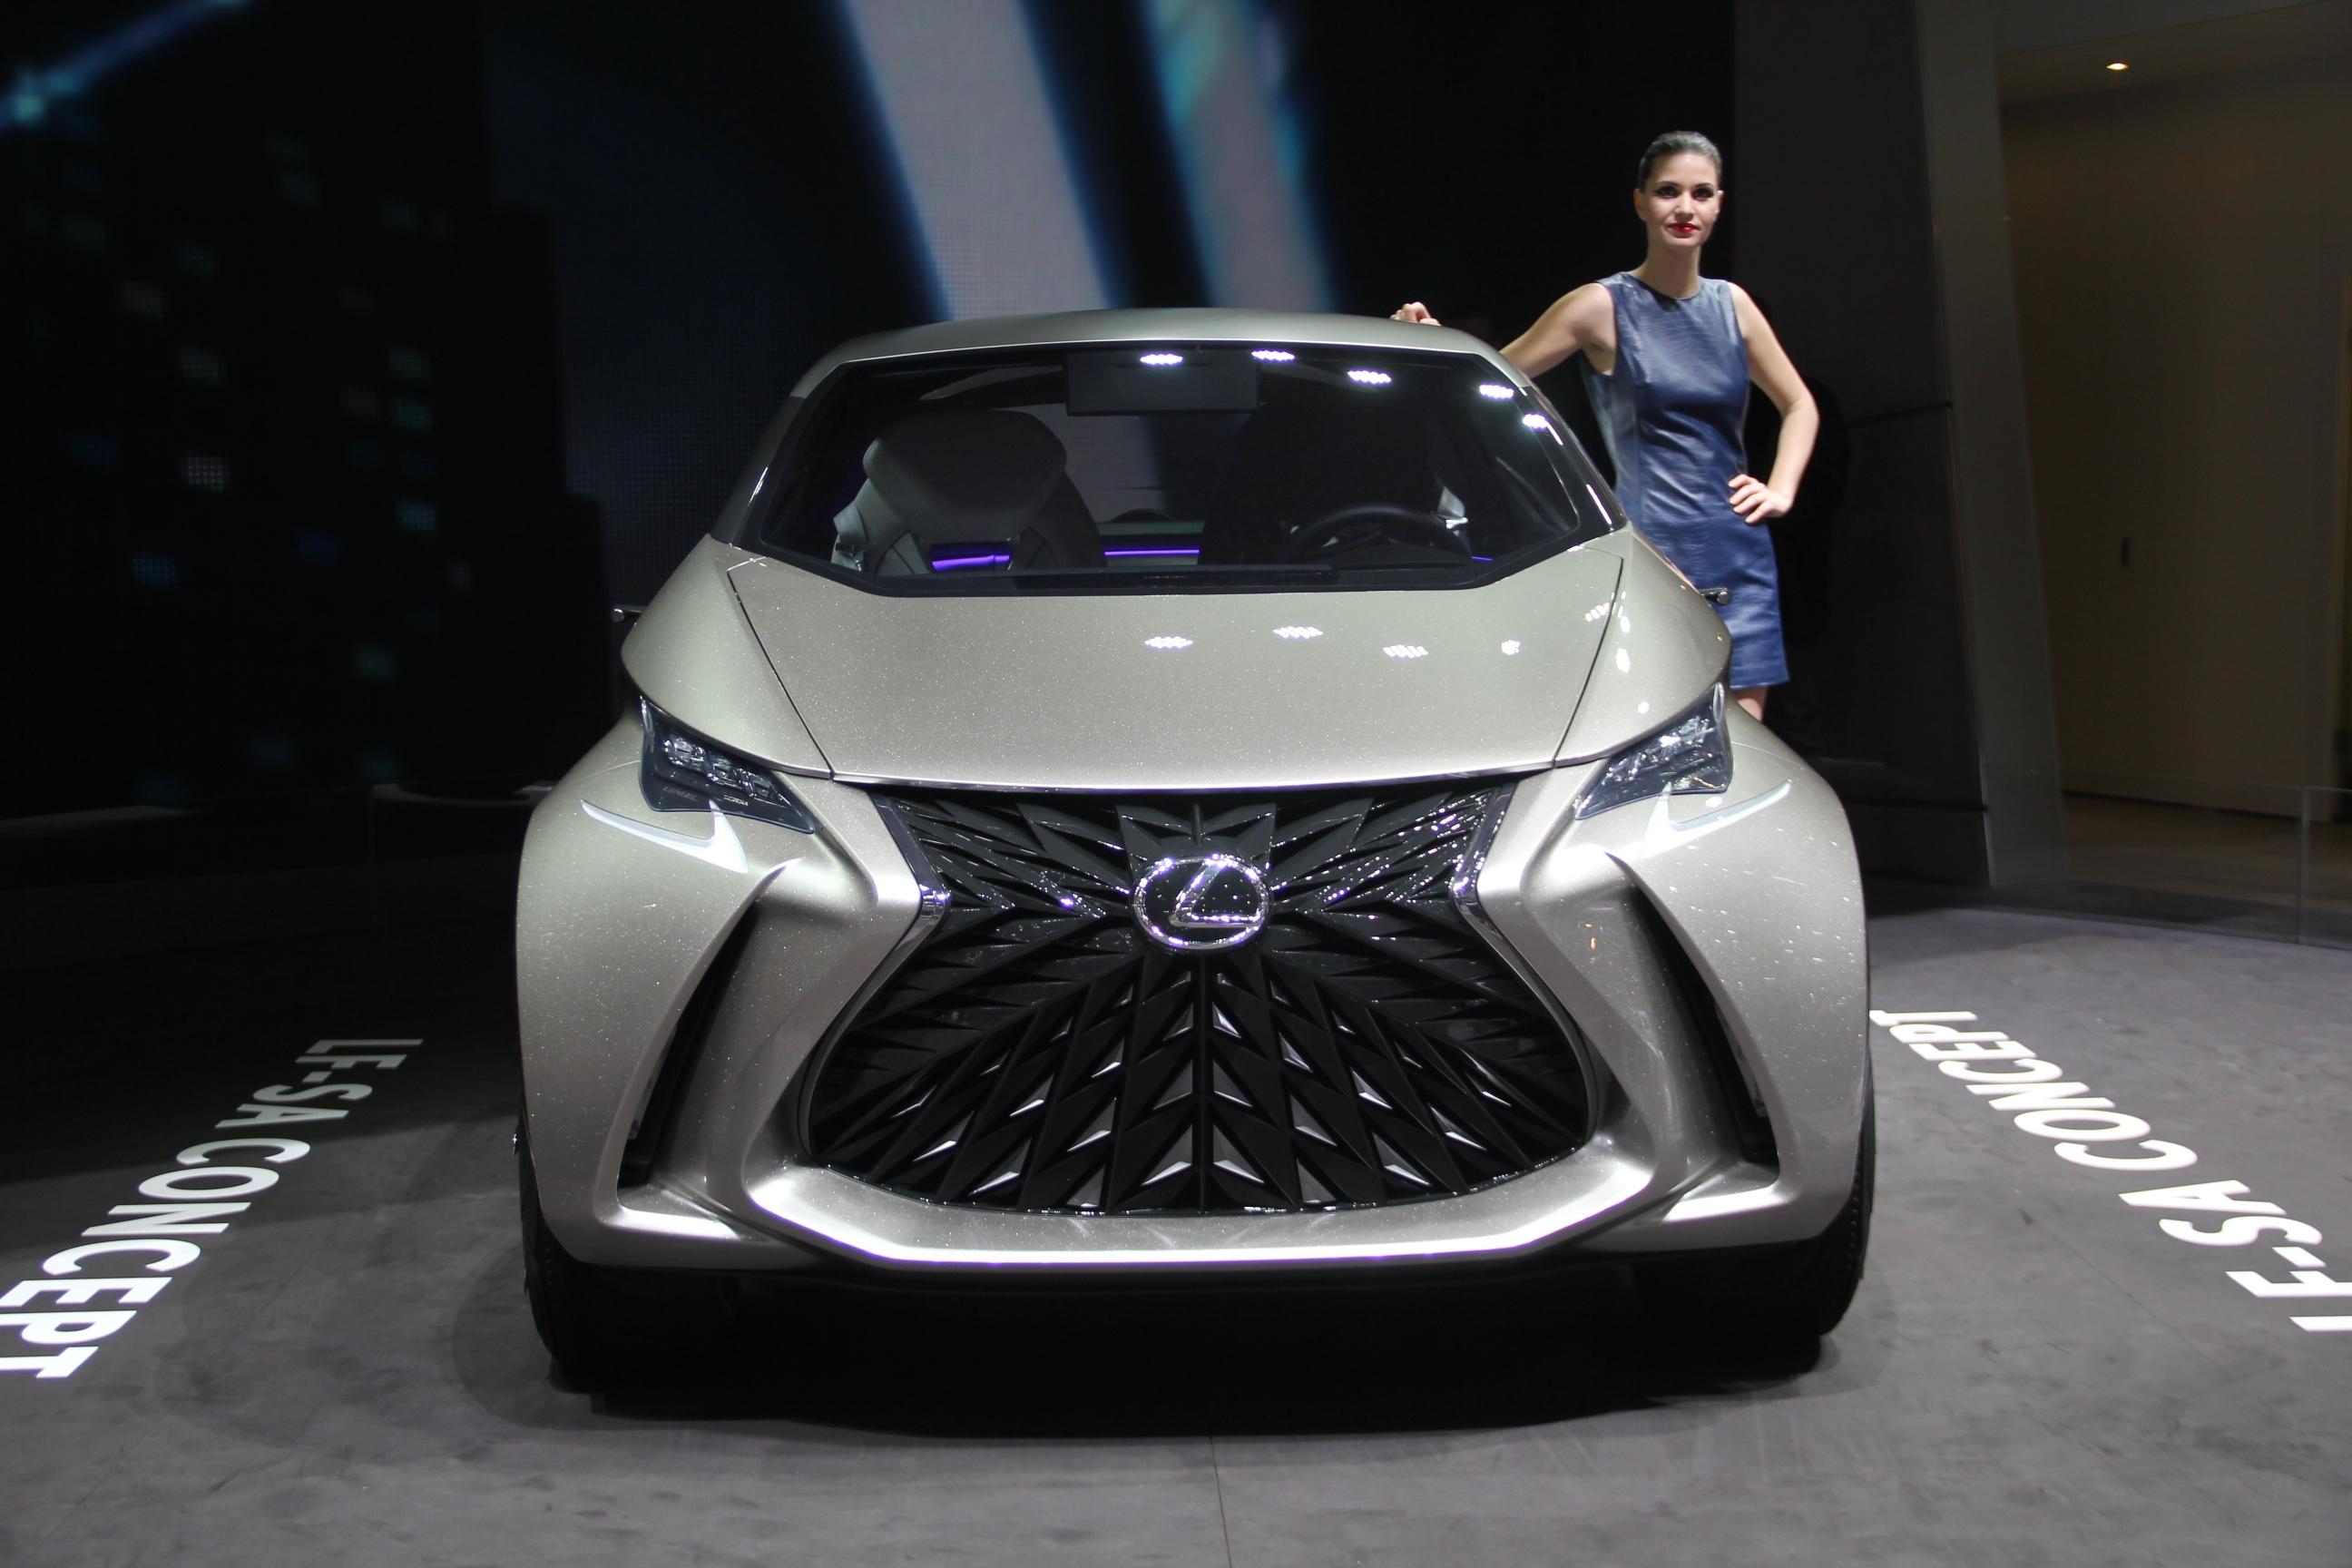 S0-Lexus-LF-SA-Concept-nouveaux-horizons-En-direct-du-salon-de-Geneve-2015-347813.jpg